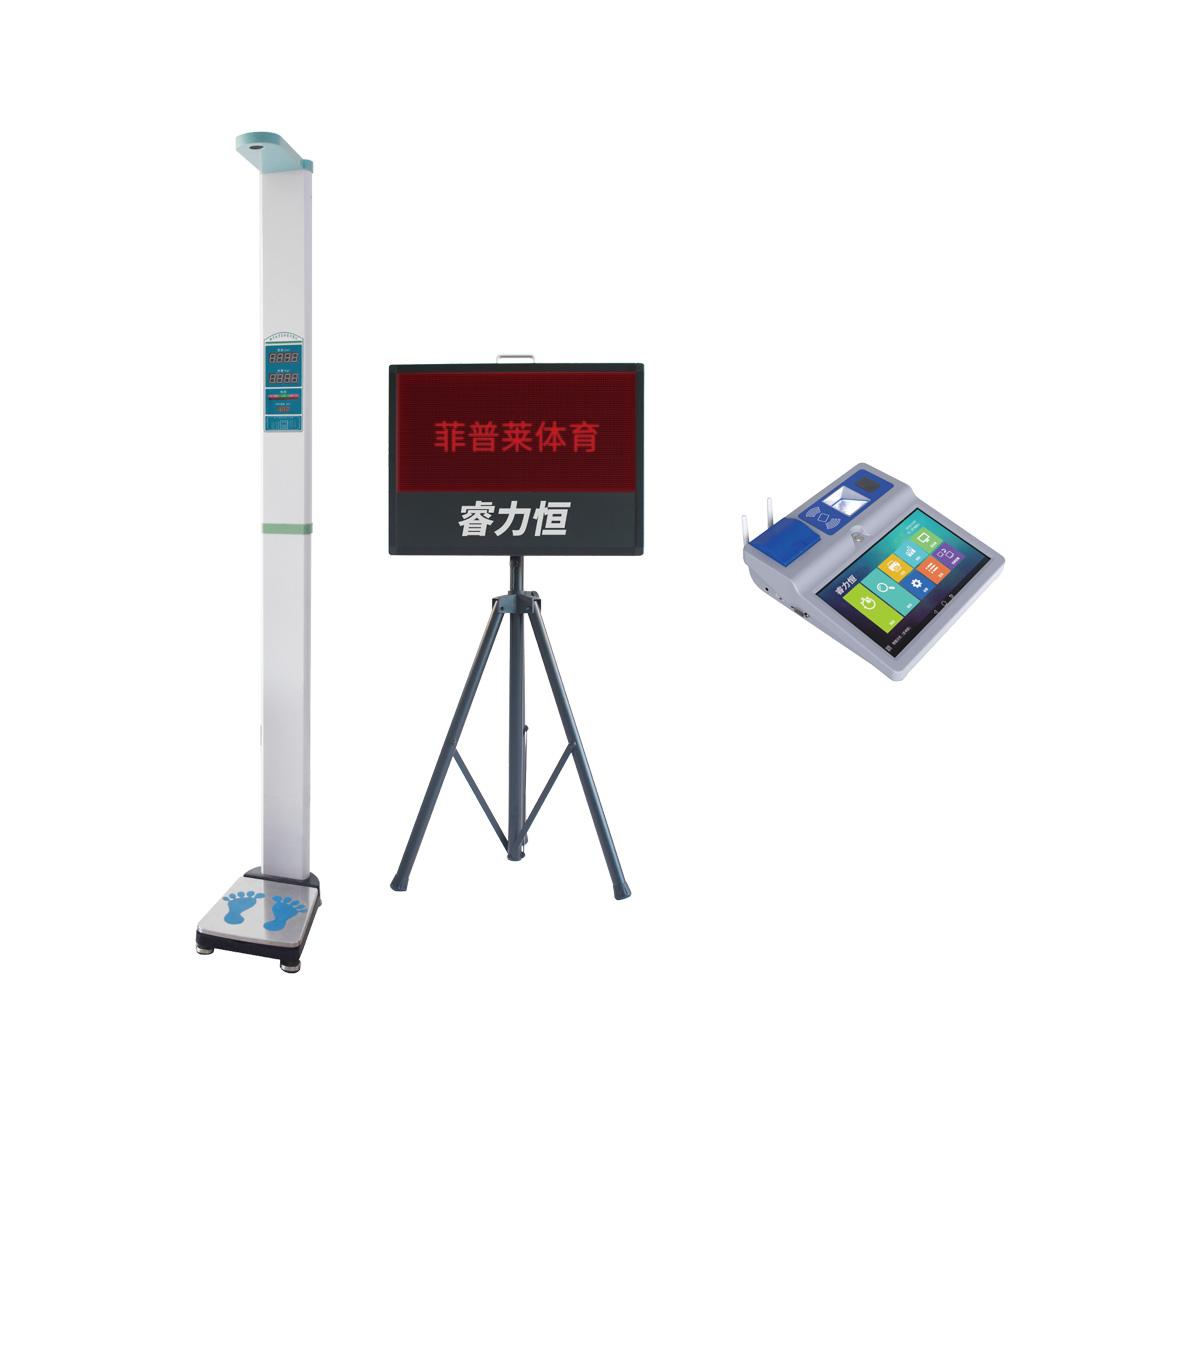 无线智能身高体重测试仪